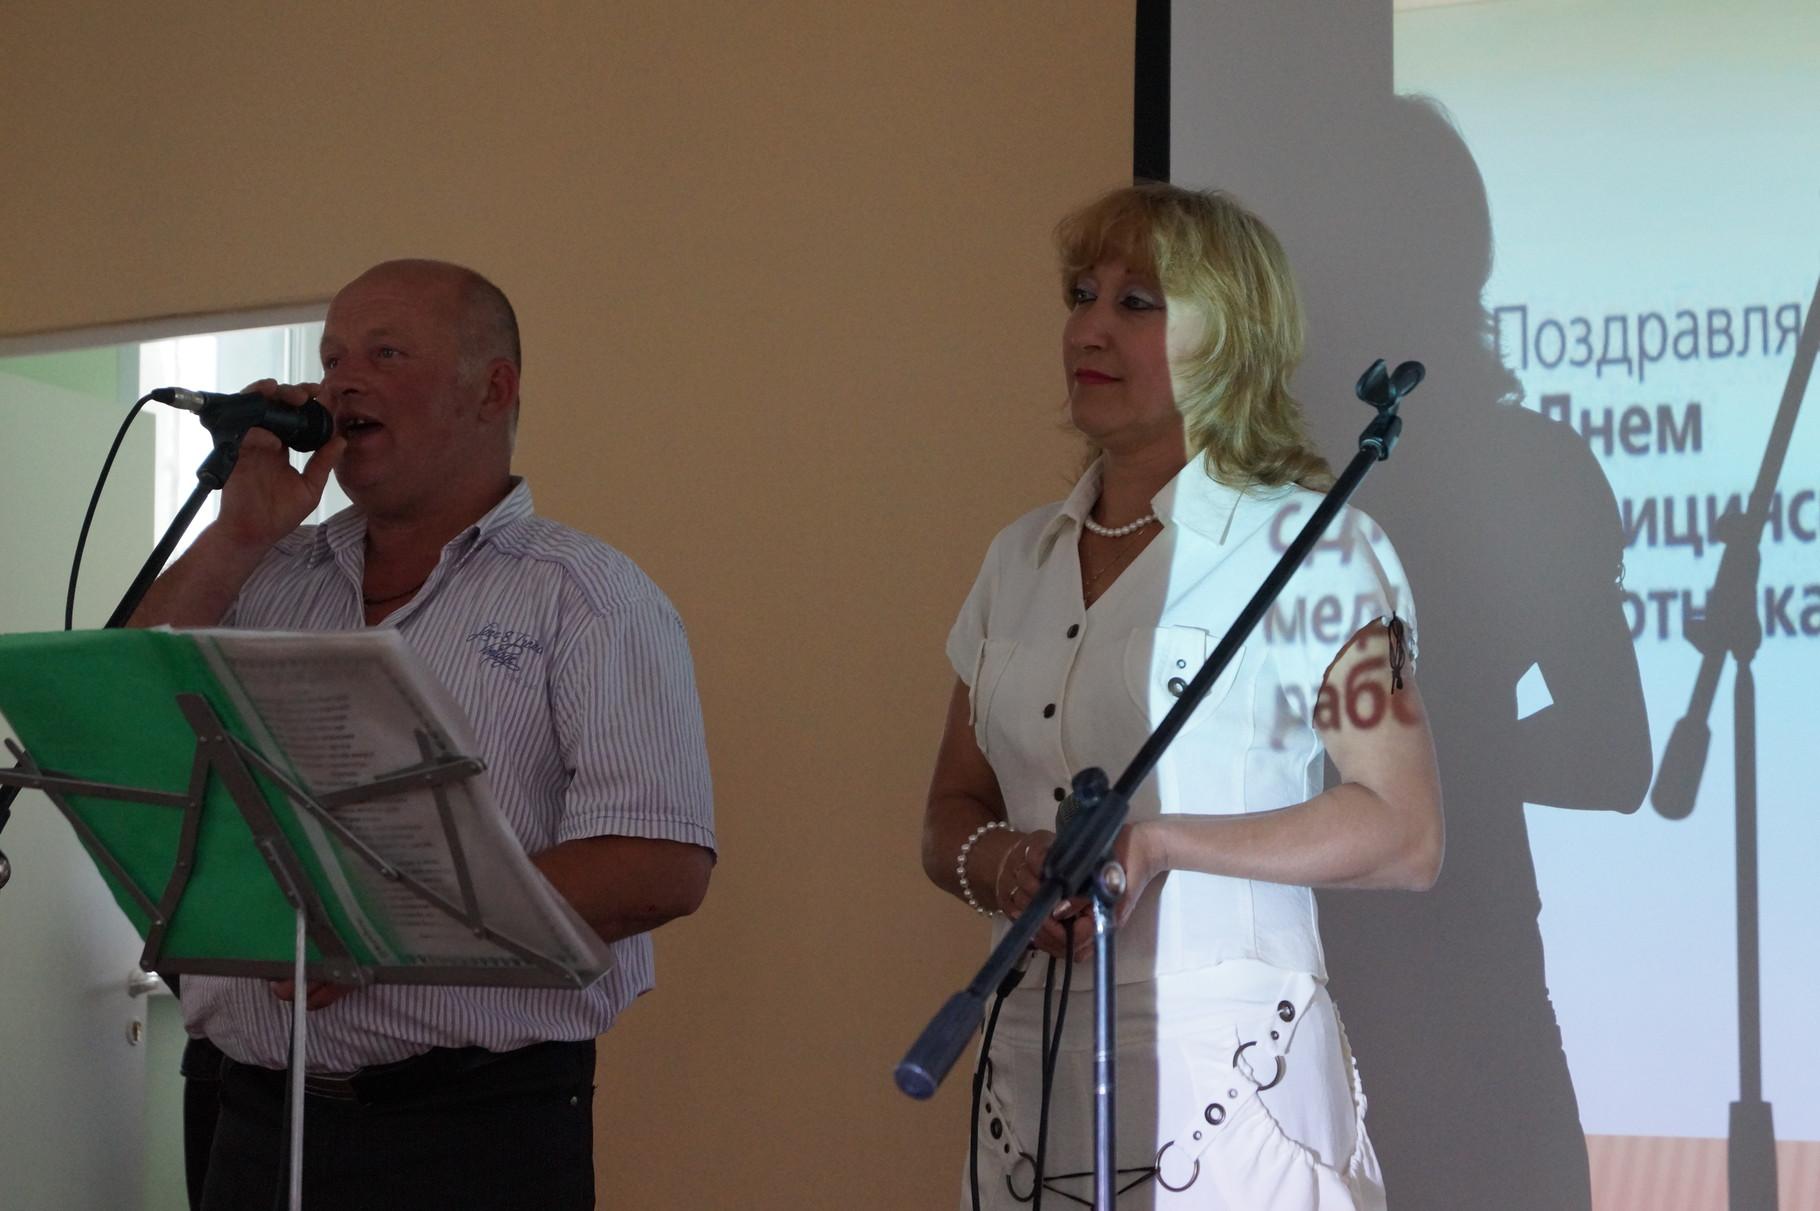 В.Тимофеев и Н.Иванова, в подарок медикам - хорошая песня